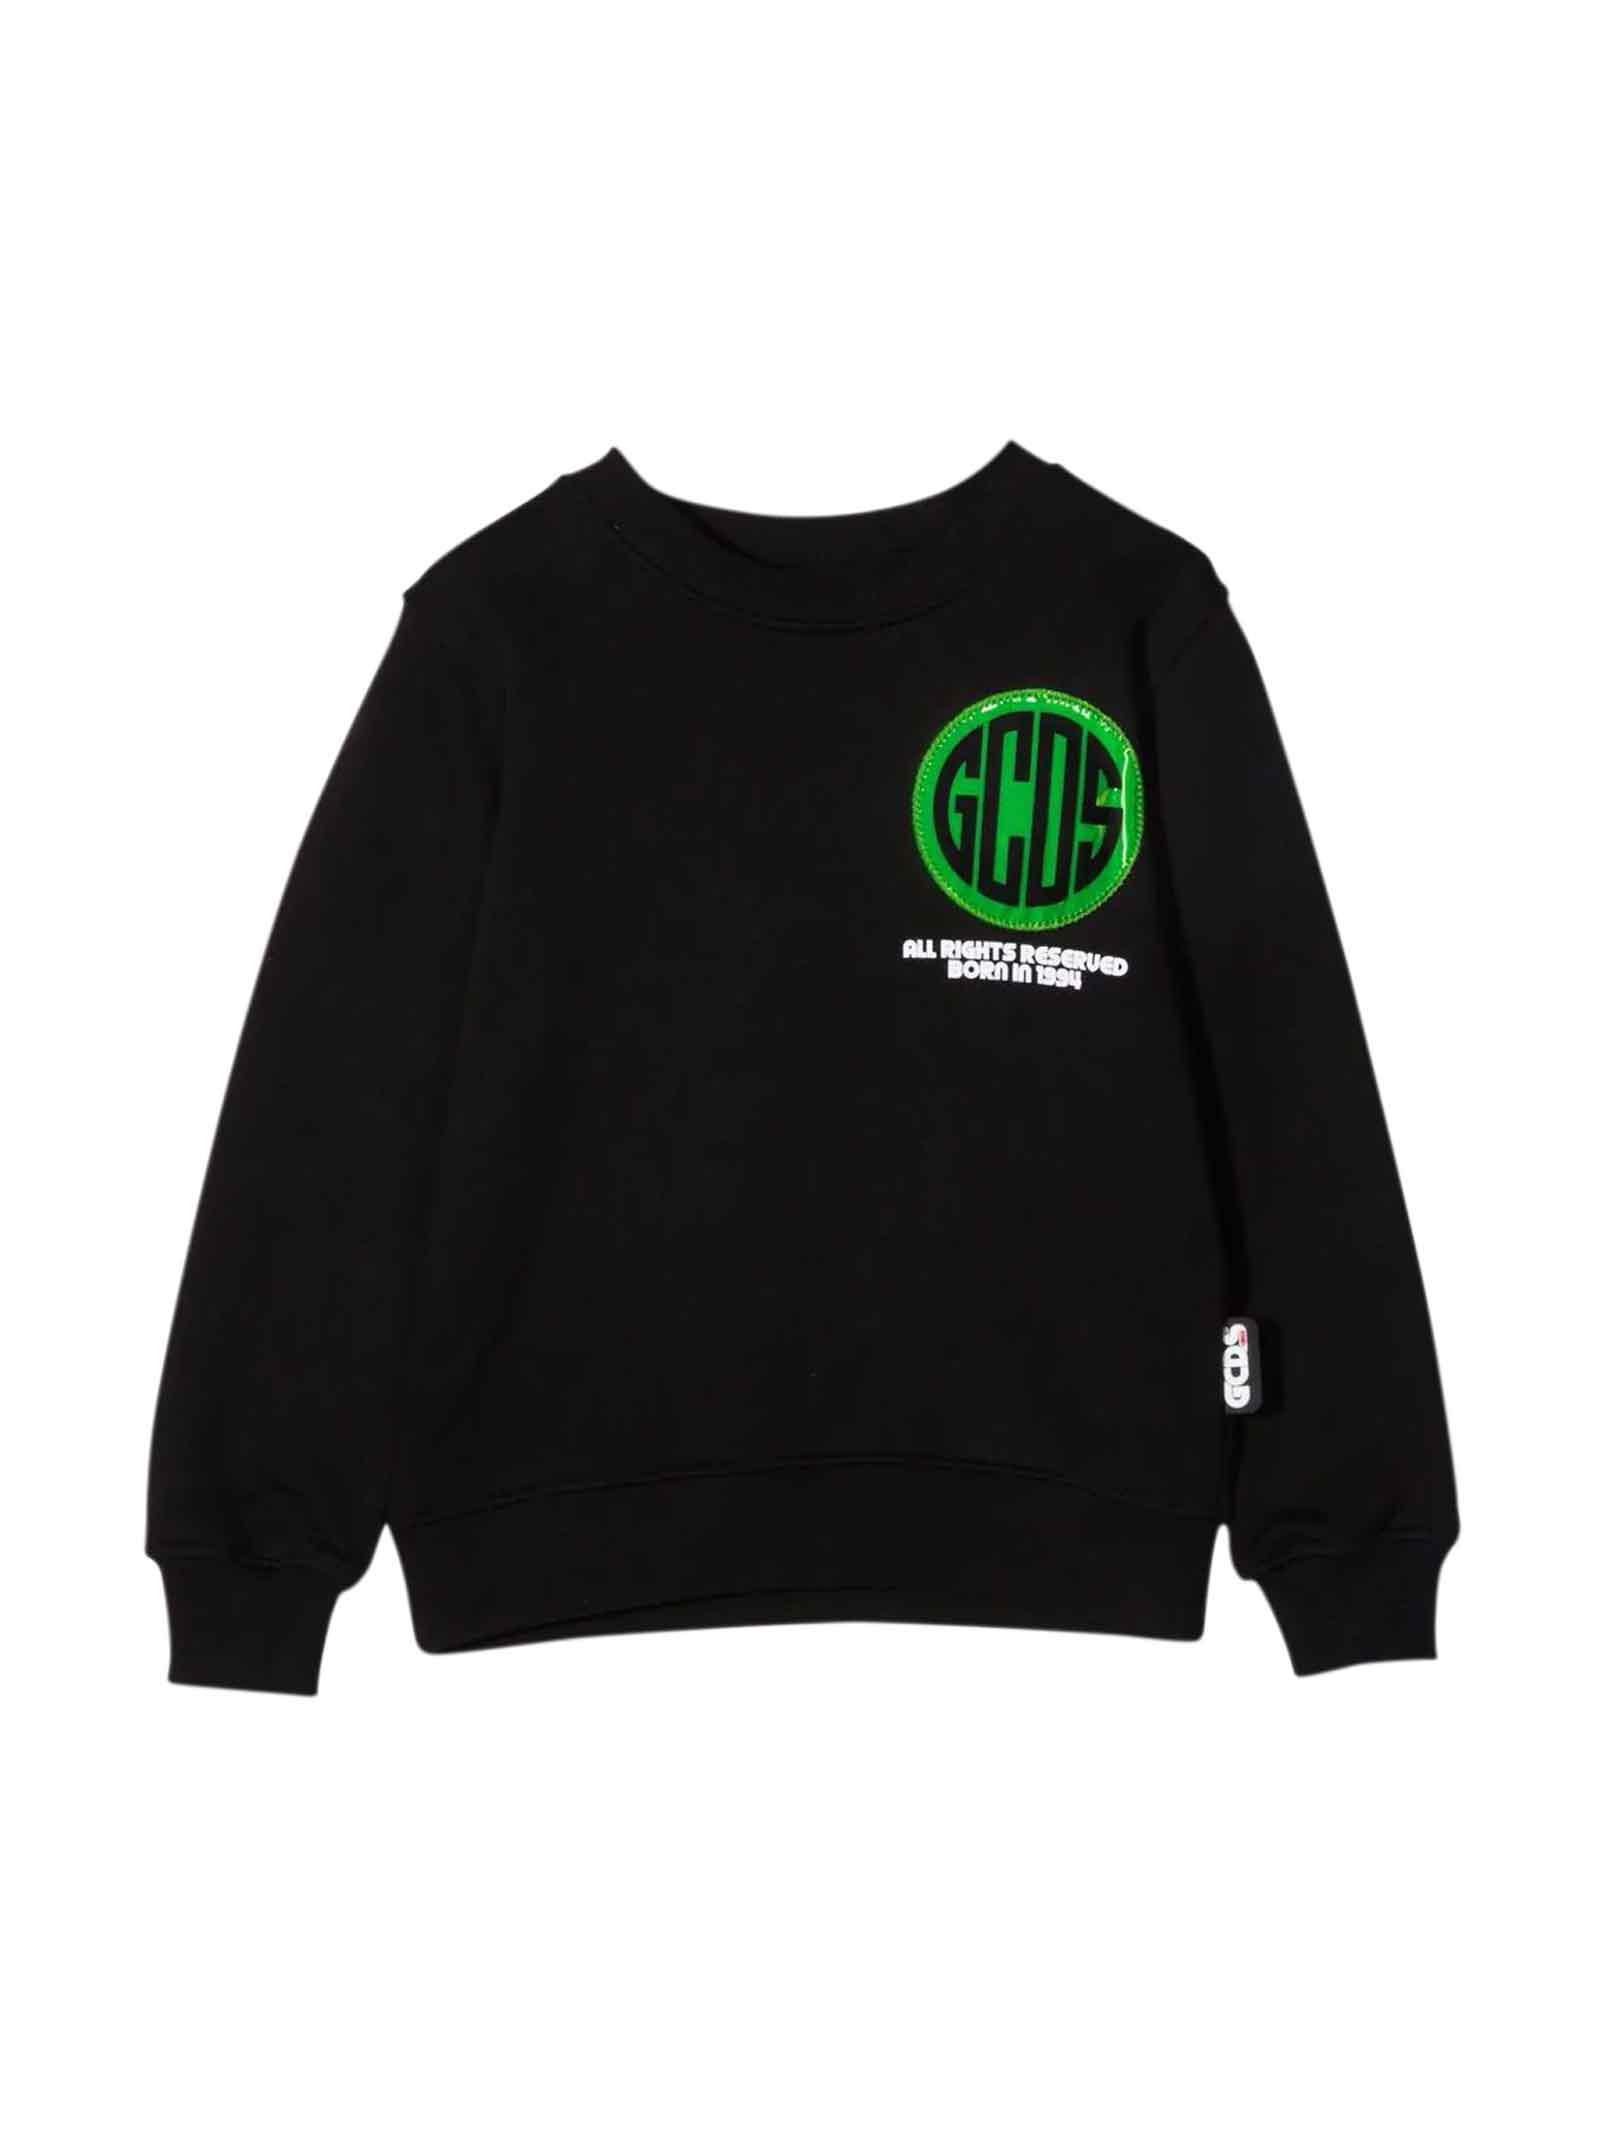 Black Sweatshirt With Multicolor Print